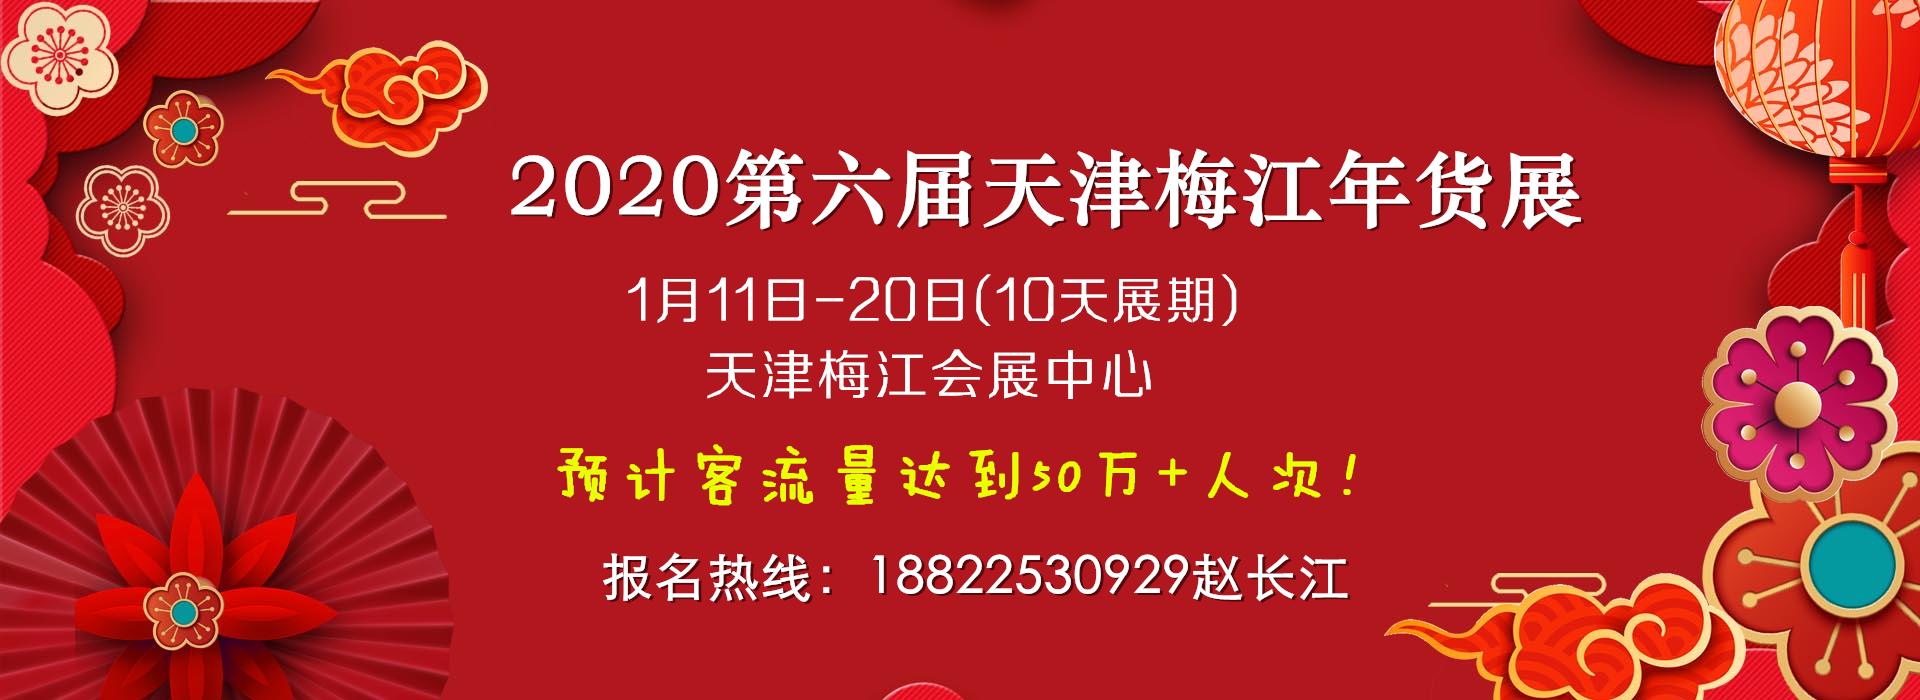 参展2020天津梅江年货展第六届年货会(图1)